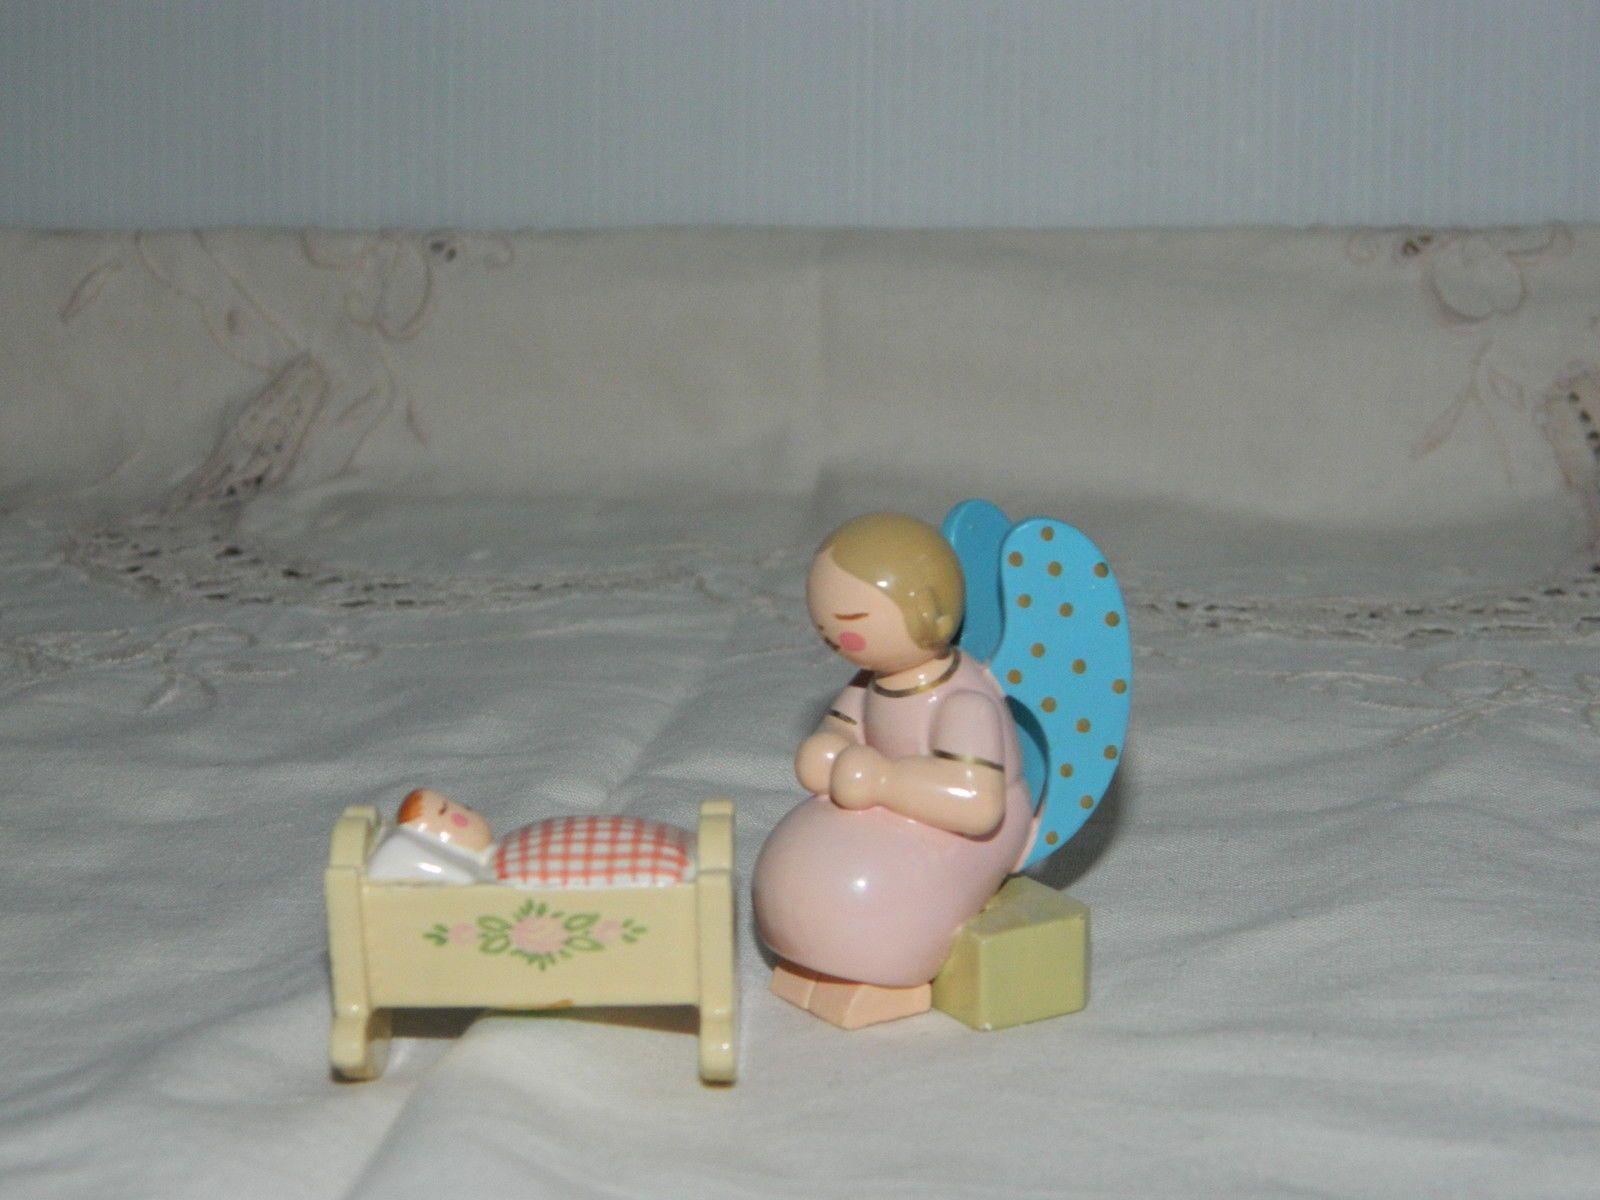 Grünhainichen Engel wendt kühn grünhainichen 2 figuren mutter engel und in